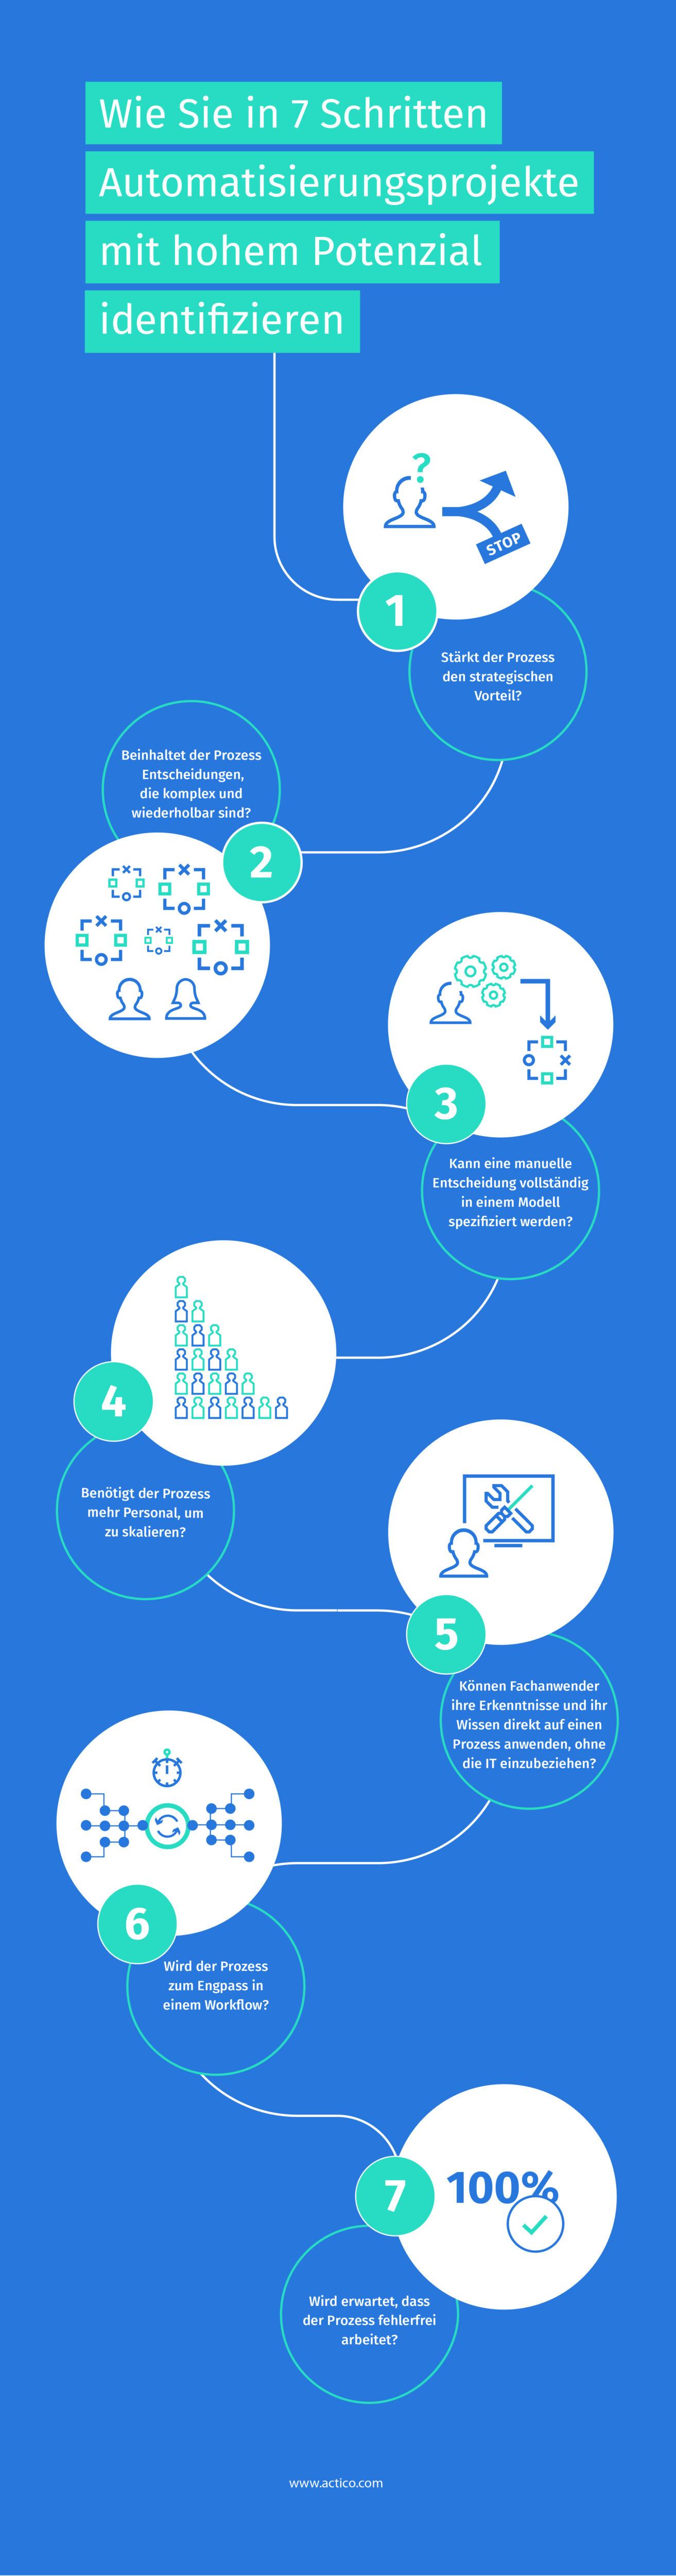 Automatisierungsprojekte in sieben Schritten identifizieren